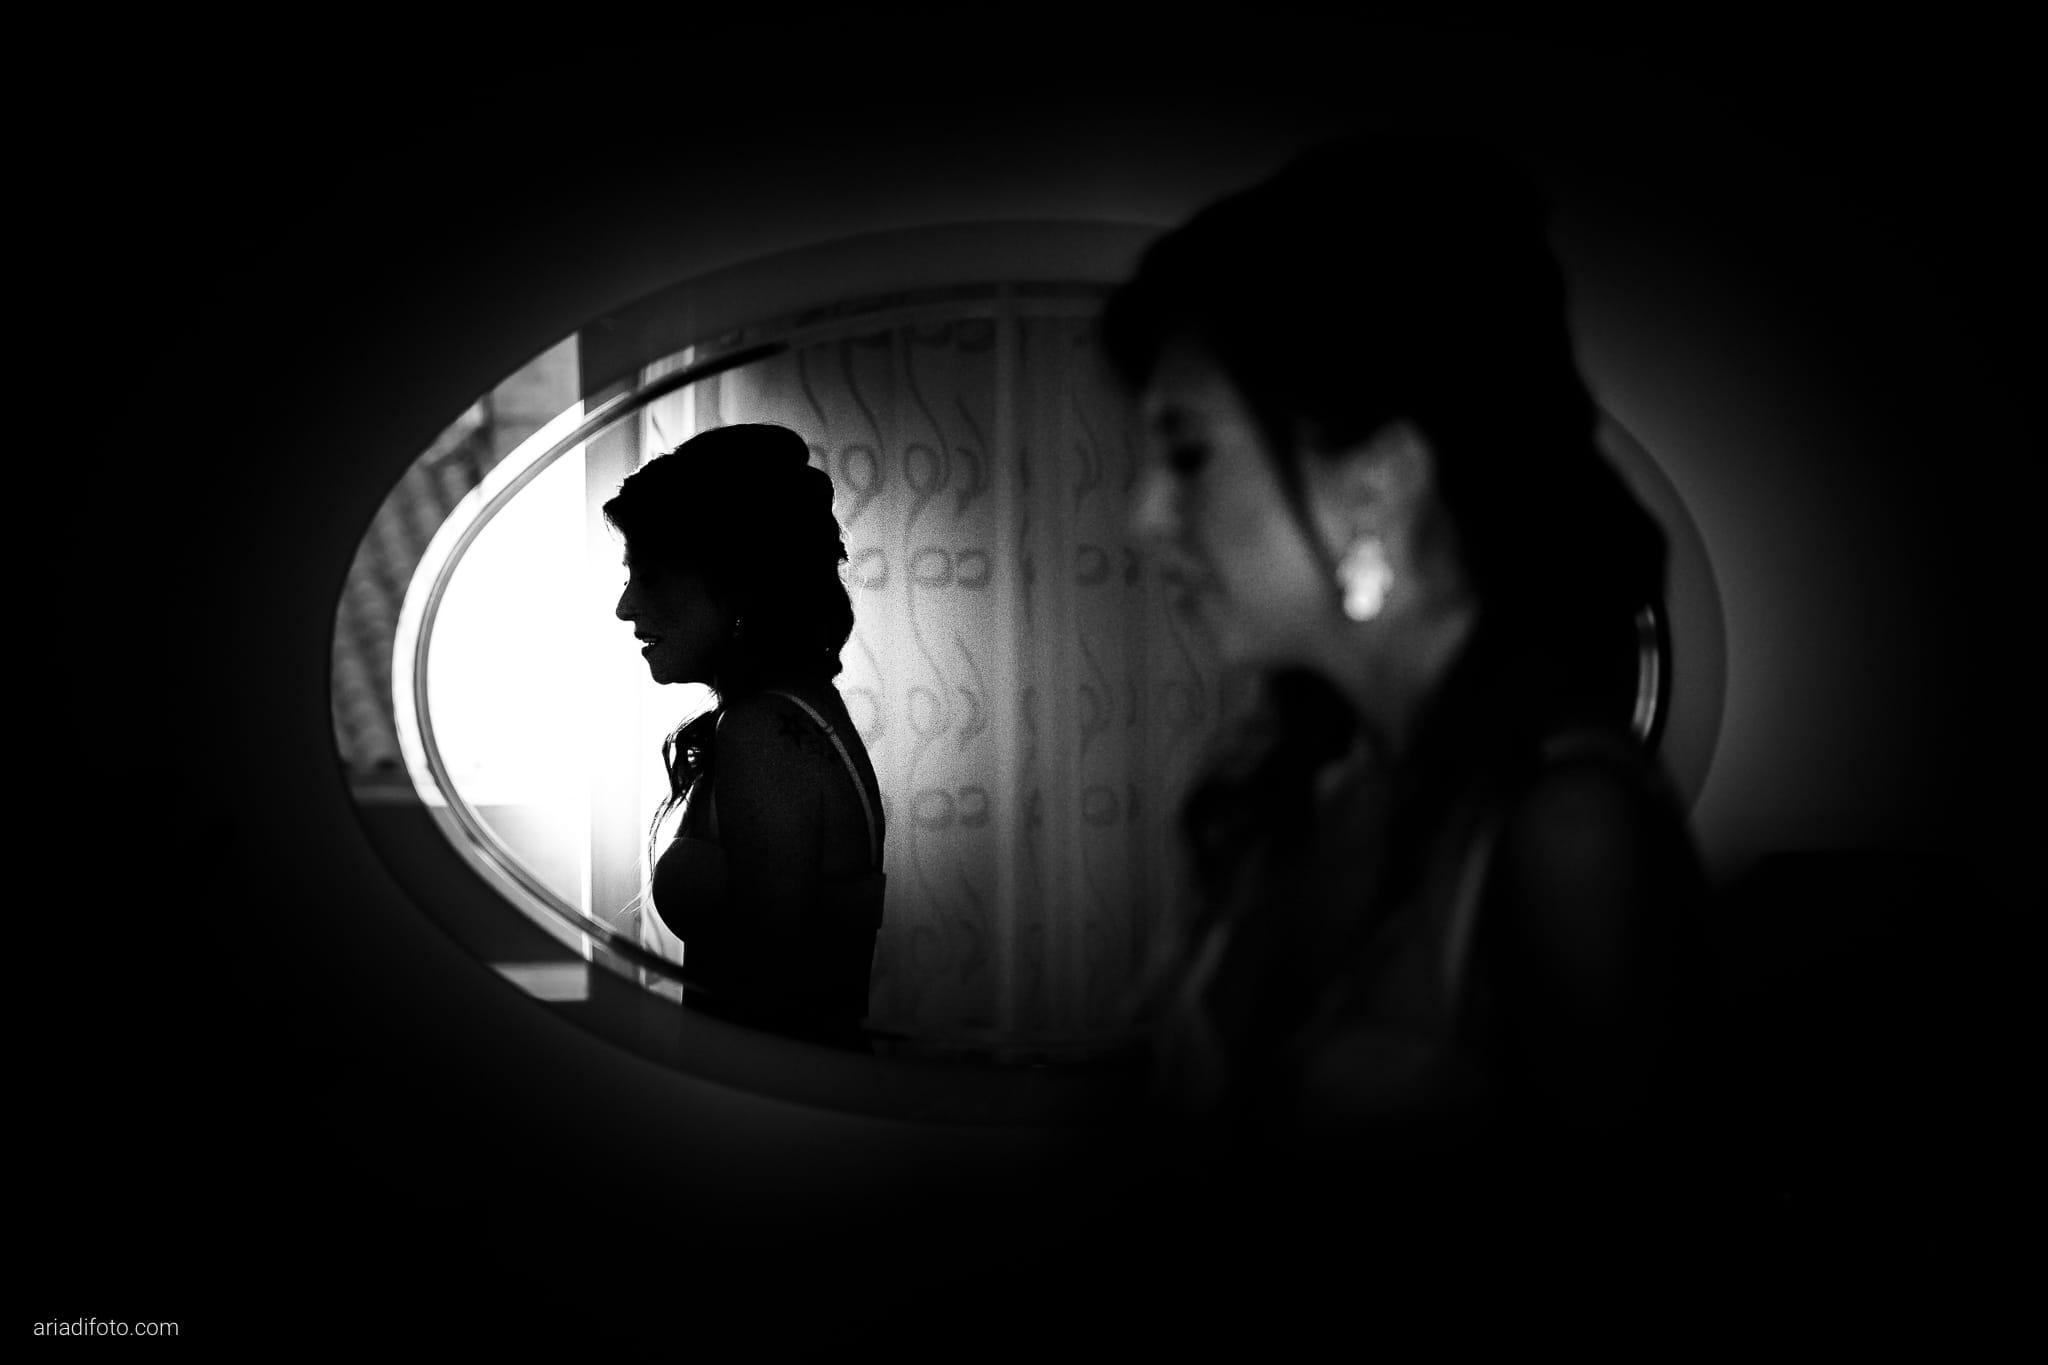 Melania Davide Matrimonio Monrupino Tavernetta Castello di Spessa Capriva Gorizia preparativi specchio riflesso silhouette